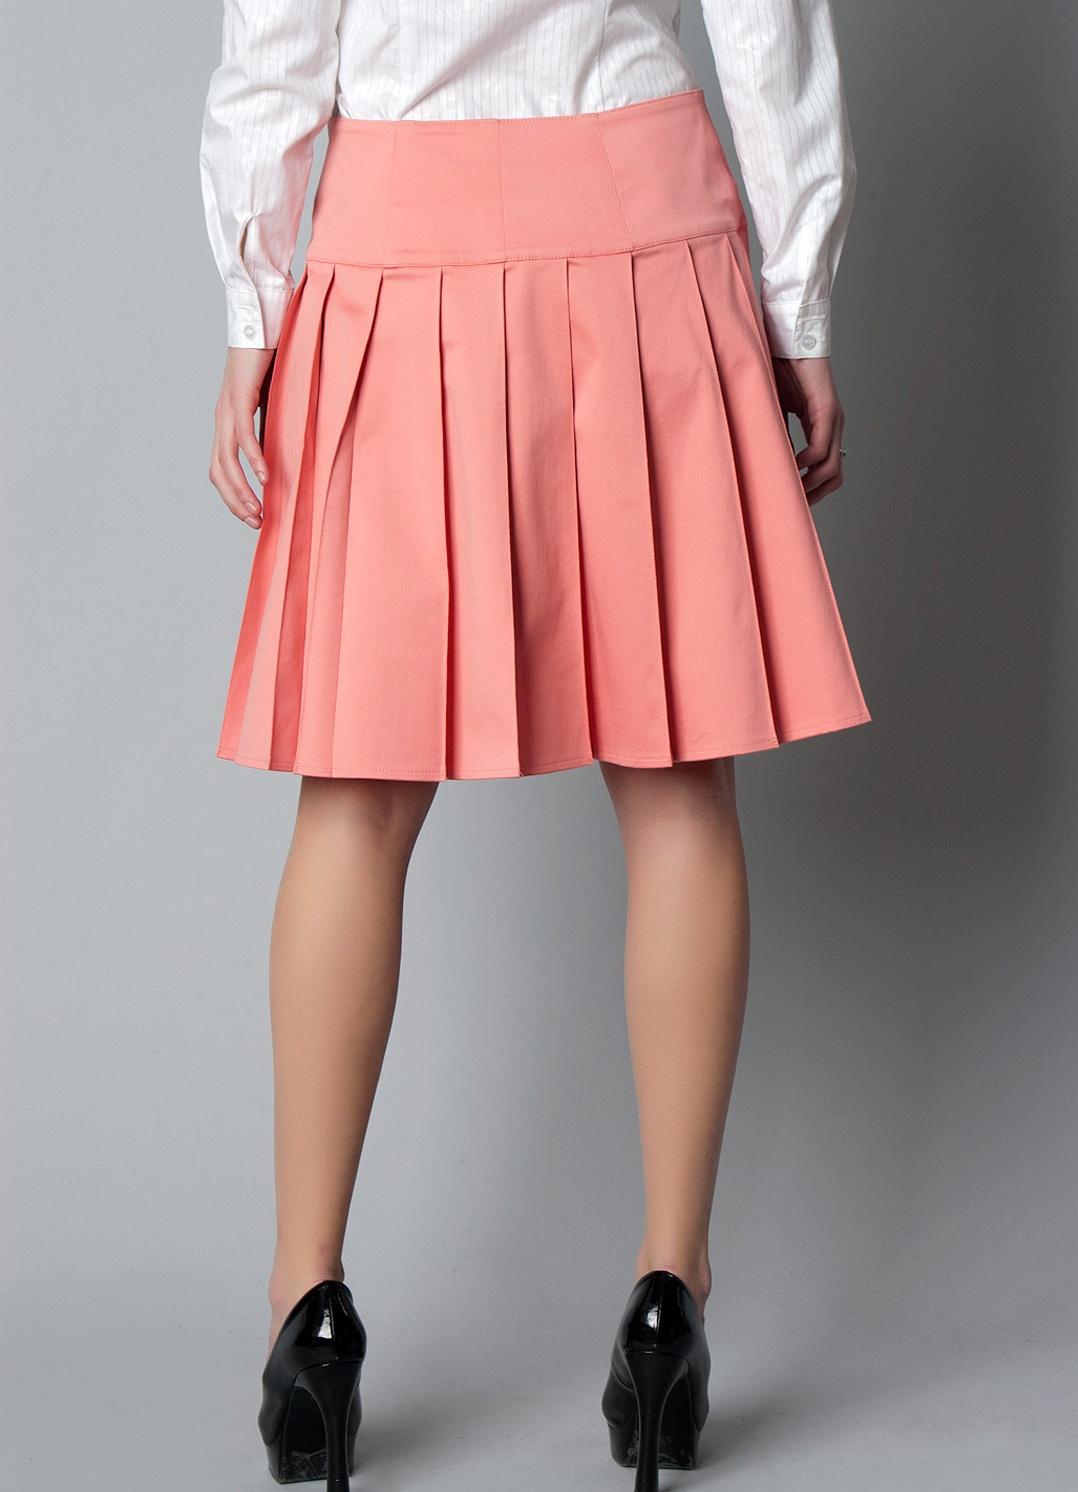 картинки юбки с односторонними складками погреб после отгрузки